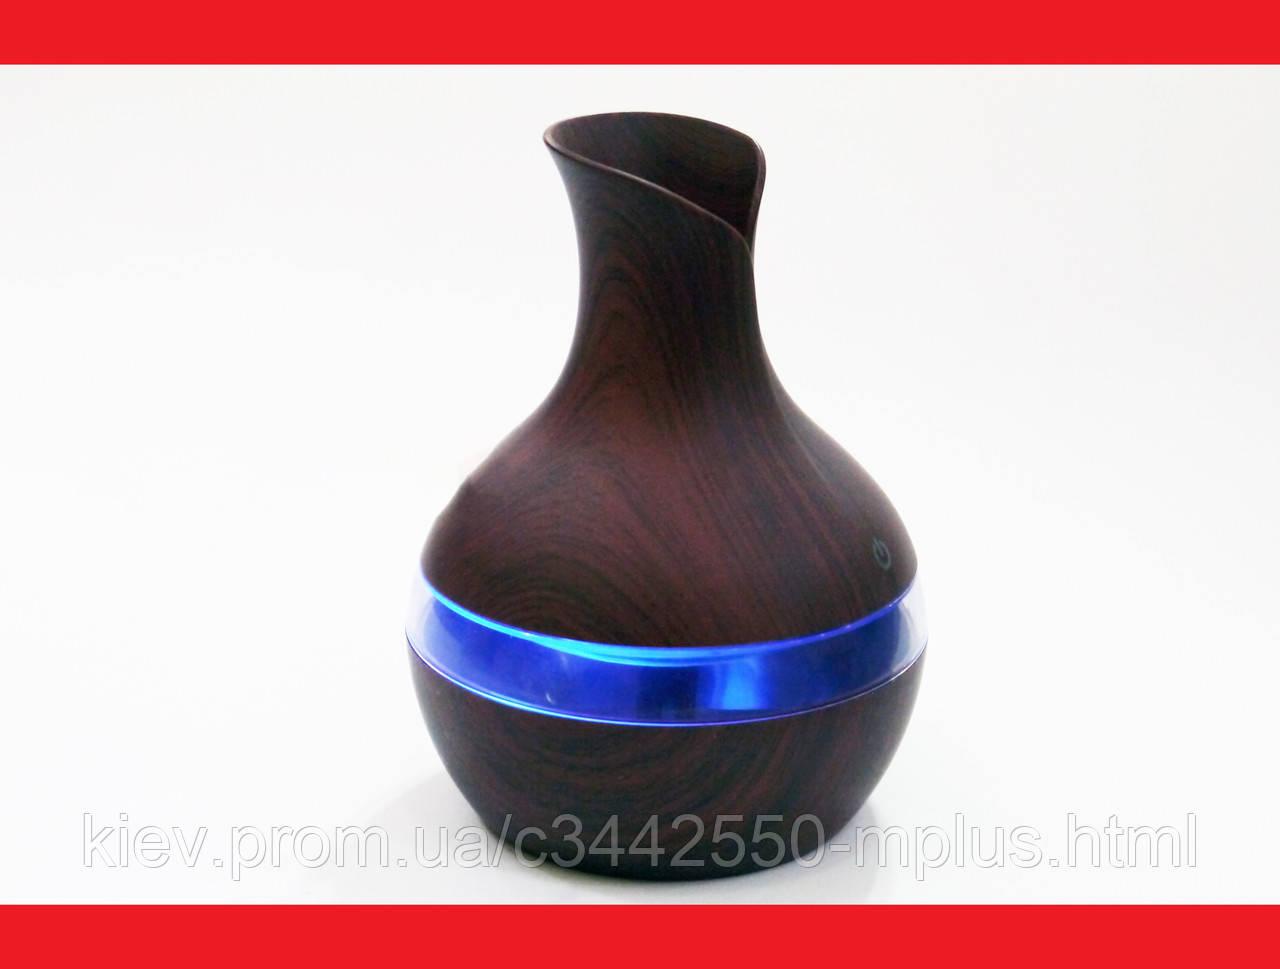 Увлажнитель воздуха / мини арома диффузор с RGB подстветкой LR053